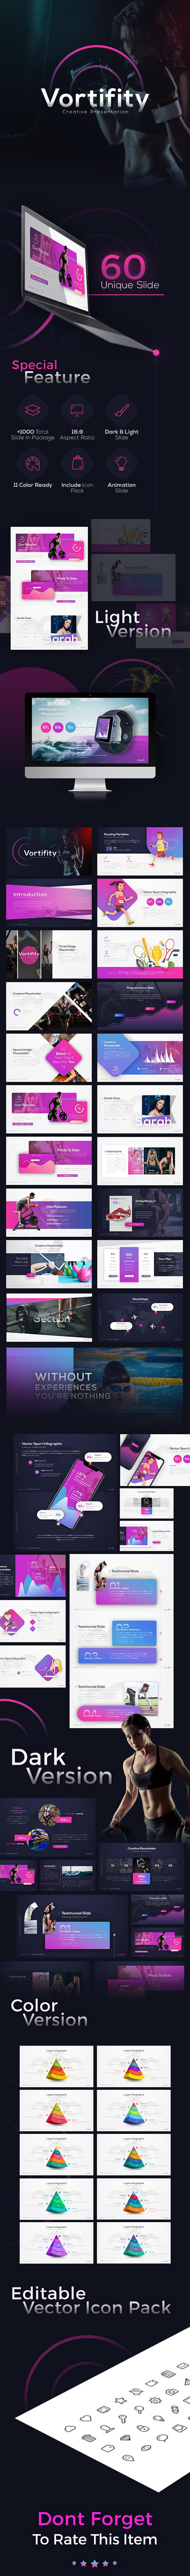 Vortifity Creative Sport Presentation - PowerPoint Templates Presentation Templates